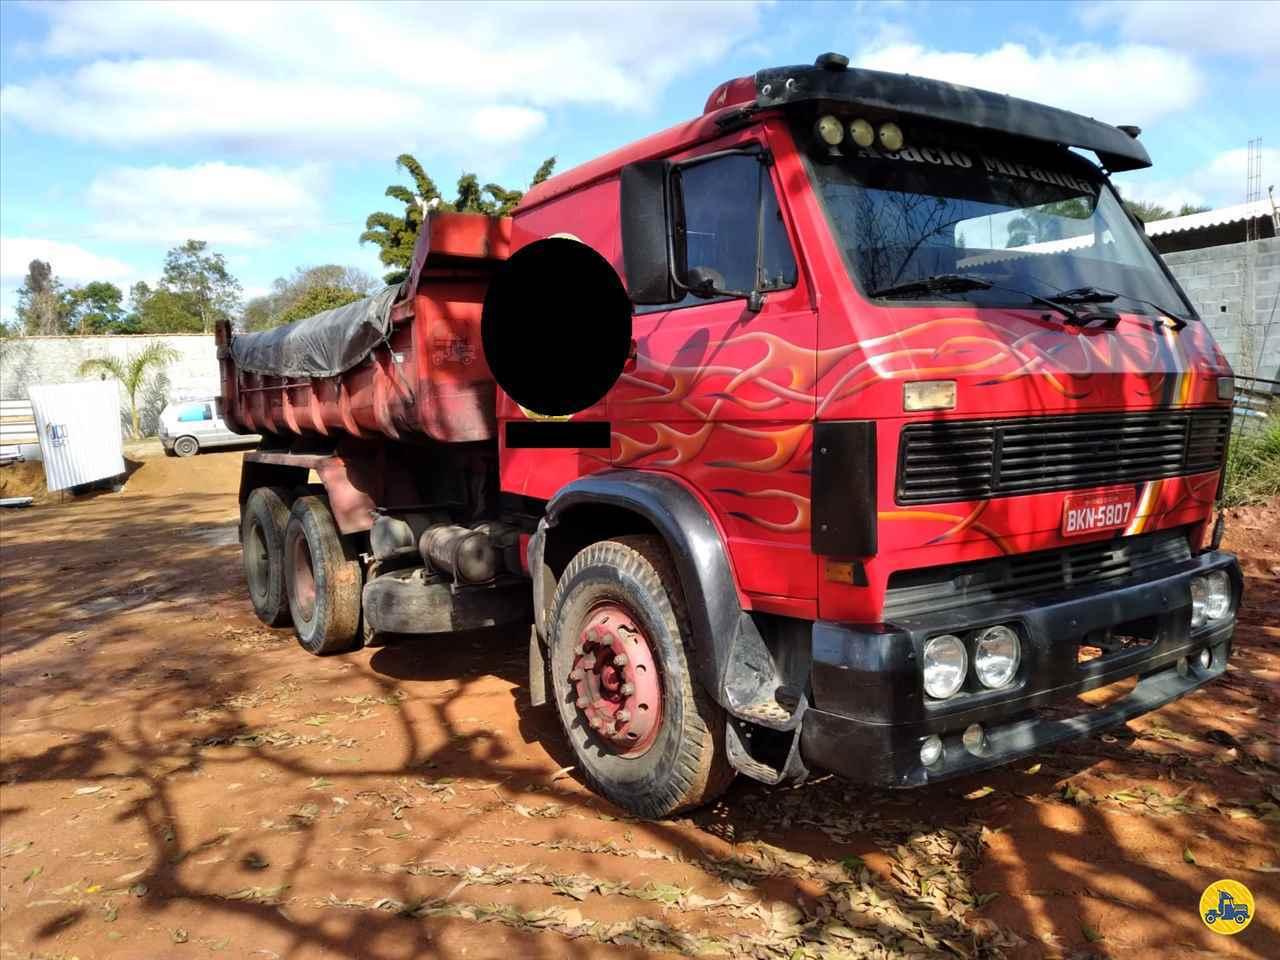 CAMINHAO VOLKSWAGEN VW 13130 Caçamba Basculante Truck 6x2 Wilson Caminhões RIBEIRAO PIRES SÃO PAULO SP